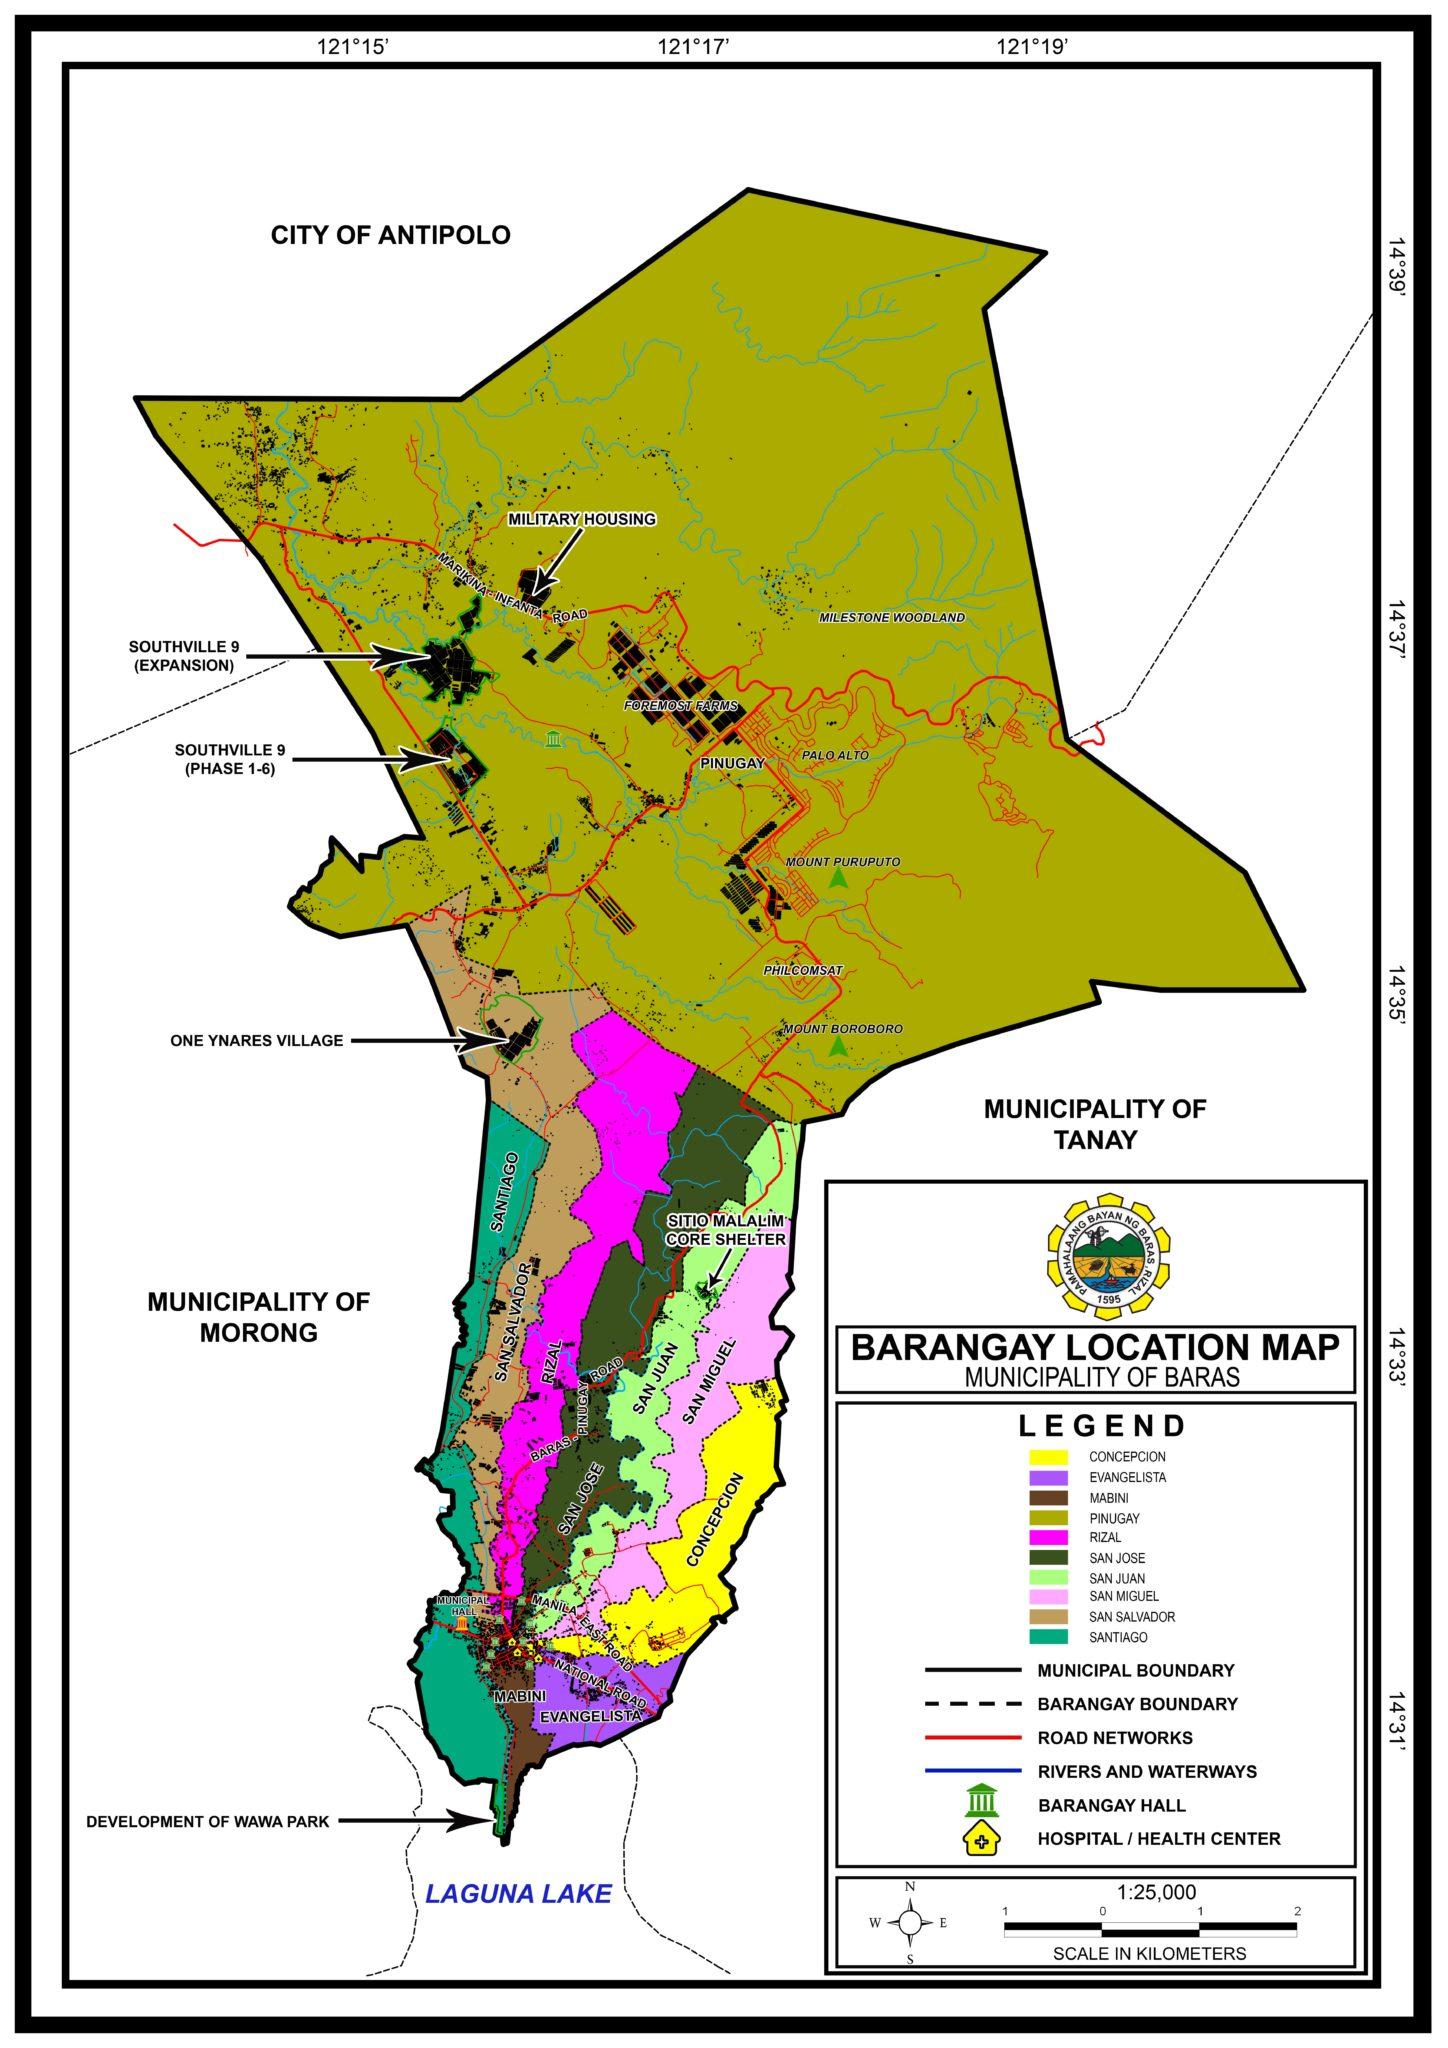 BARANGAY LOCATION MAP